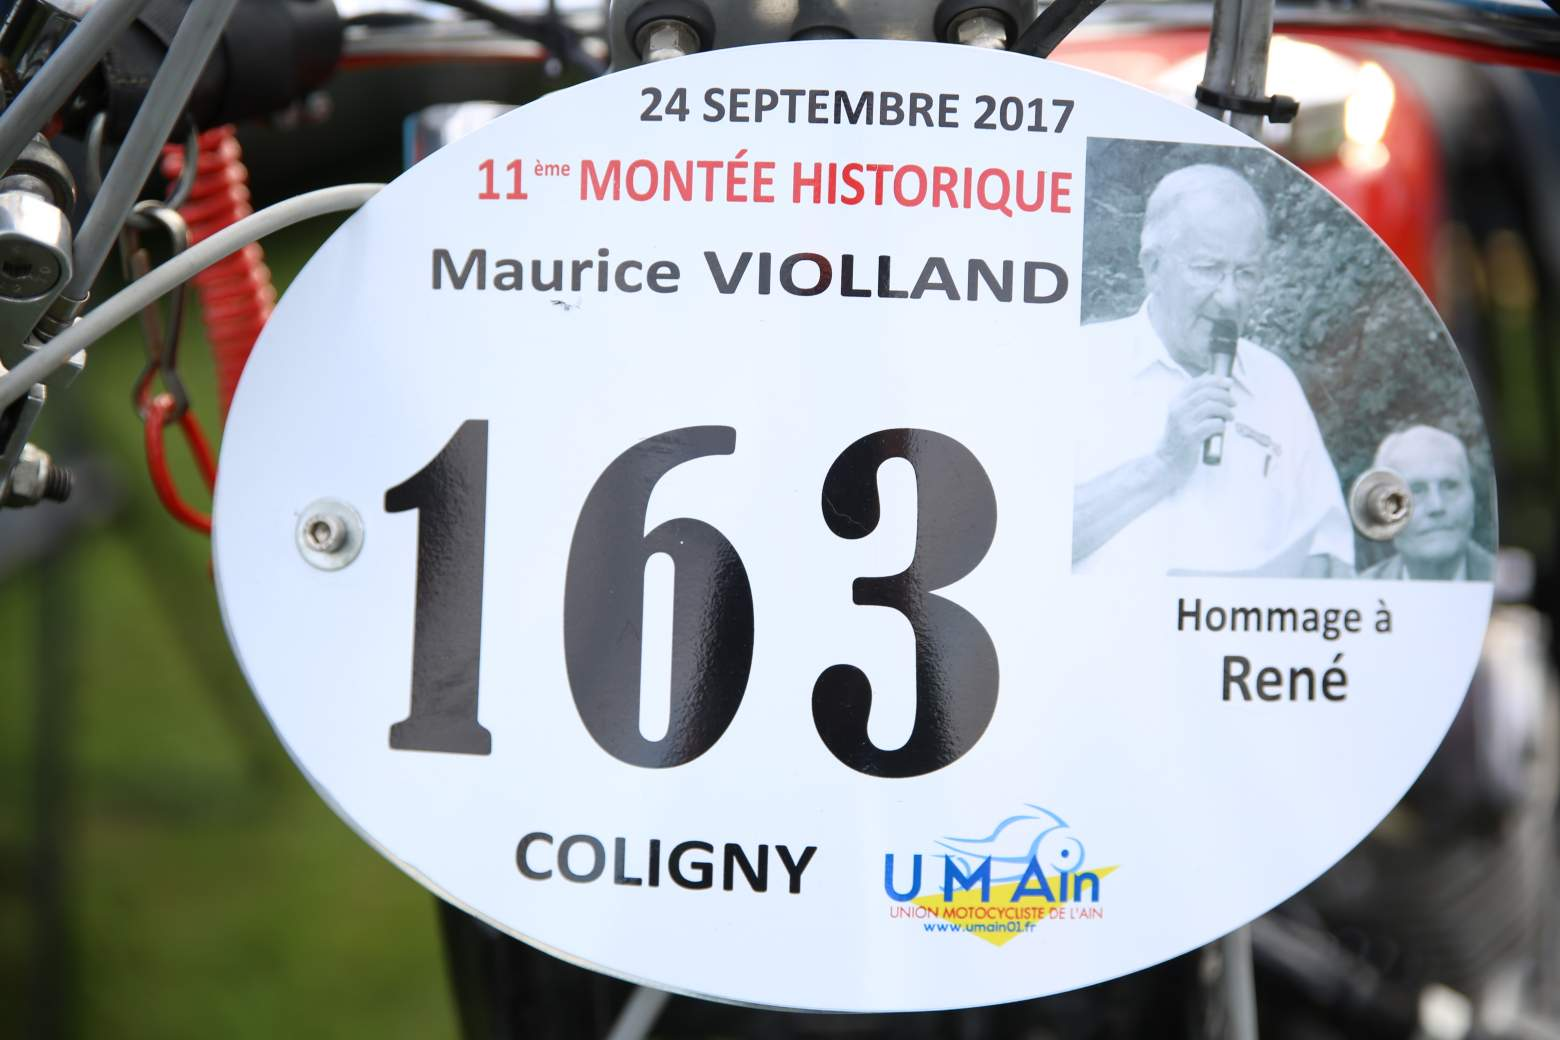 12<sup>e</sup> Montée Historique Maurice Violland, Coligny (01)